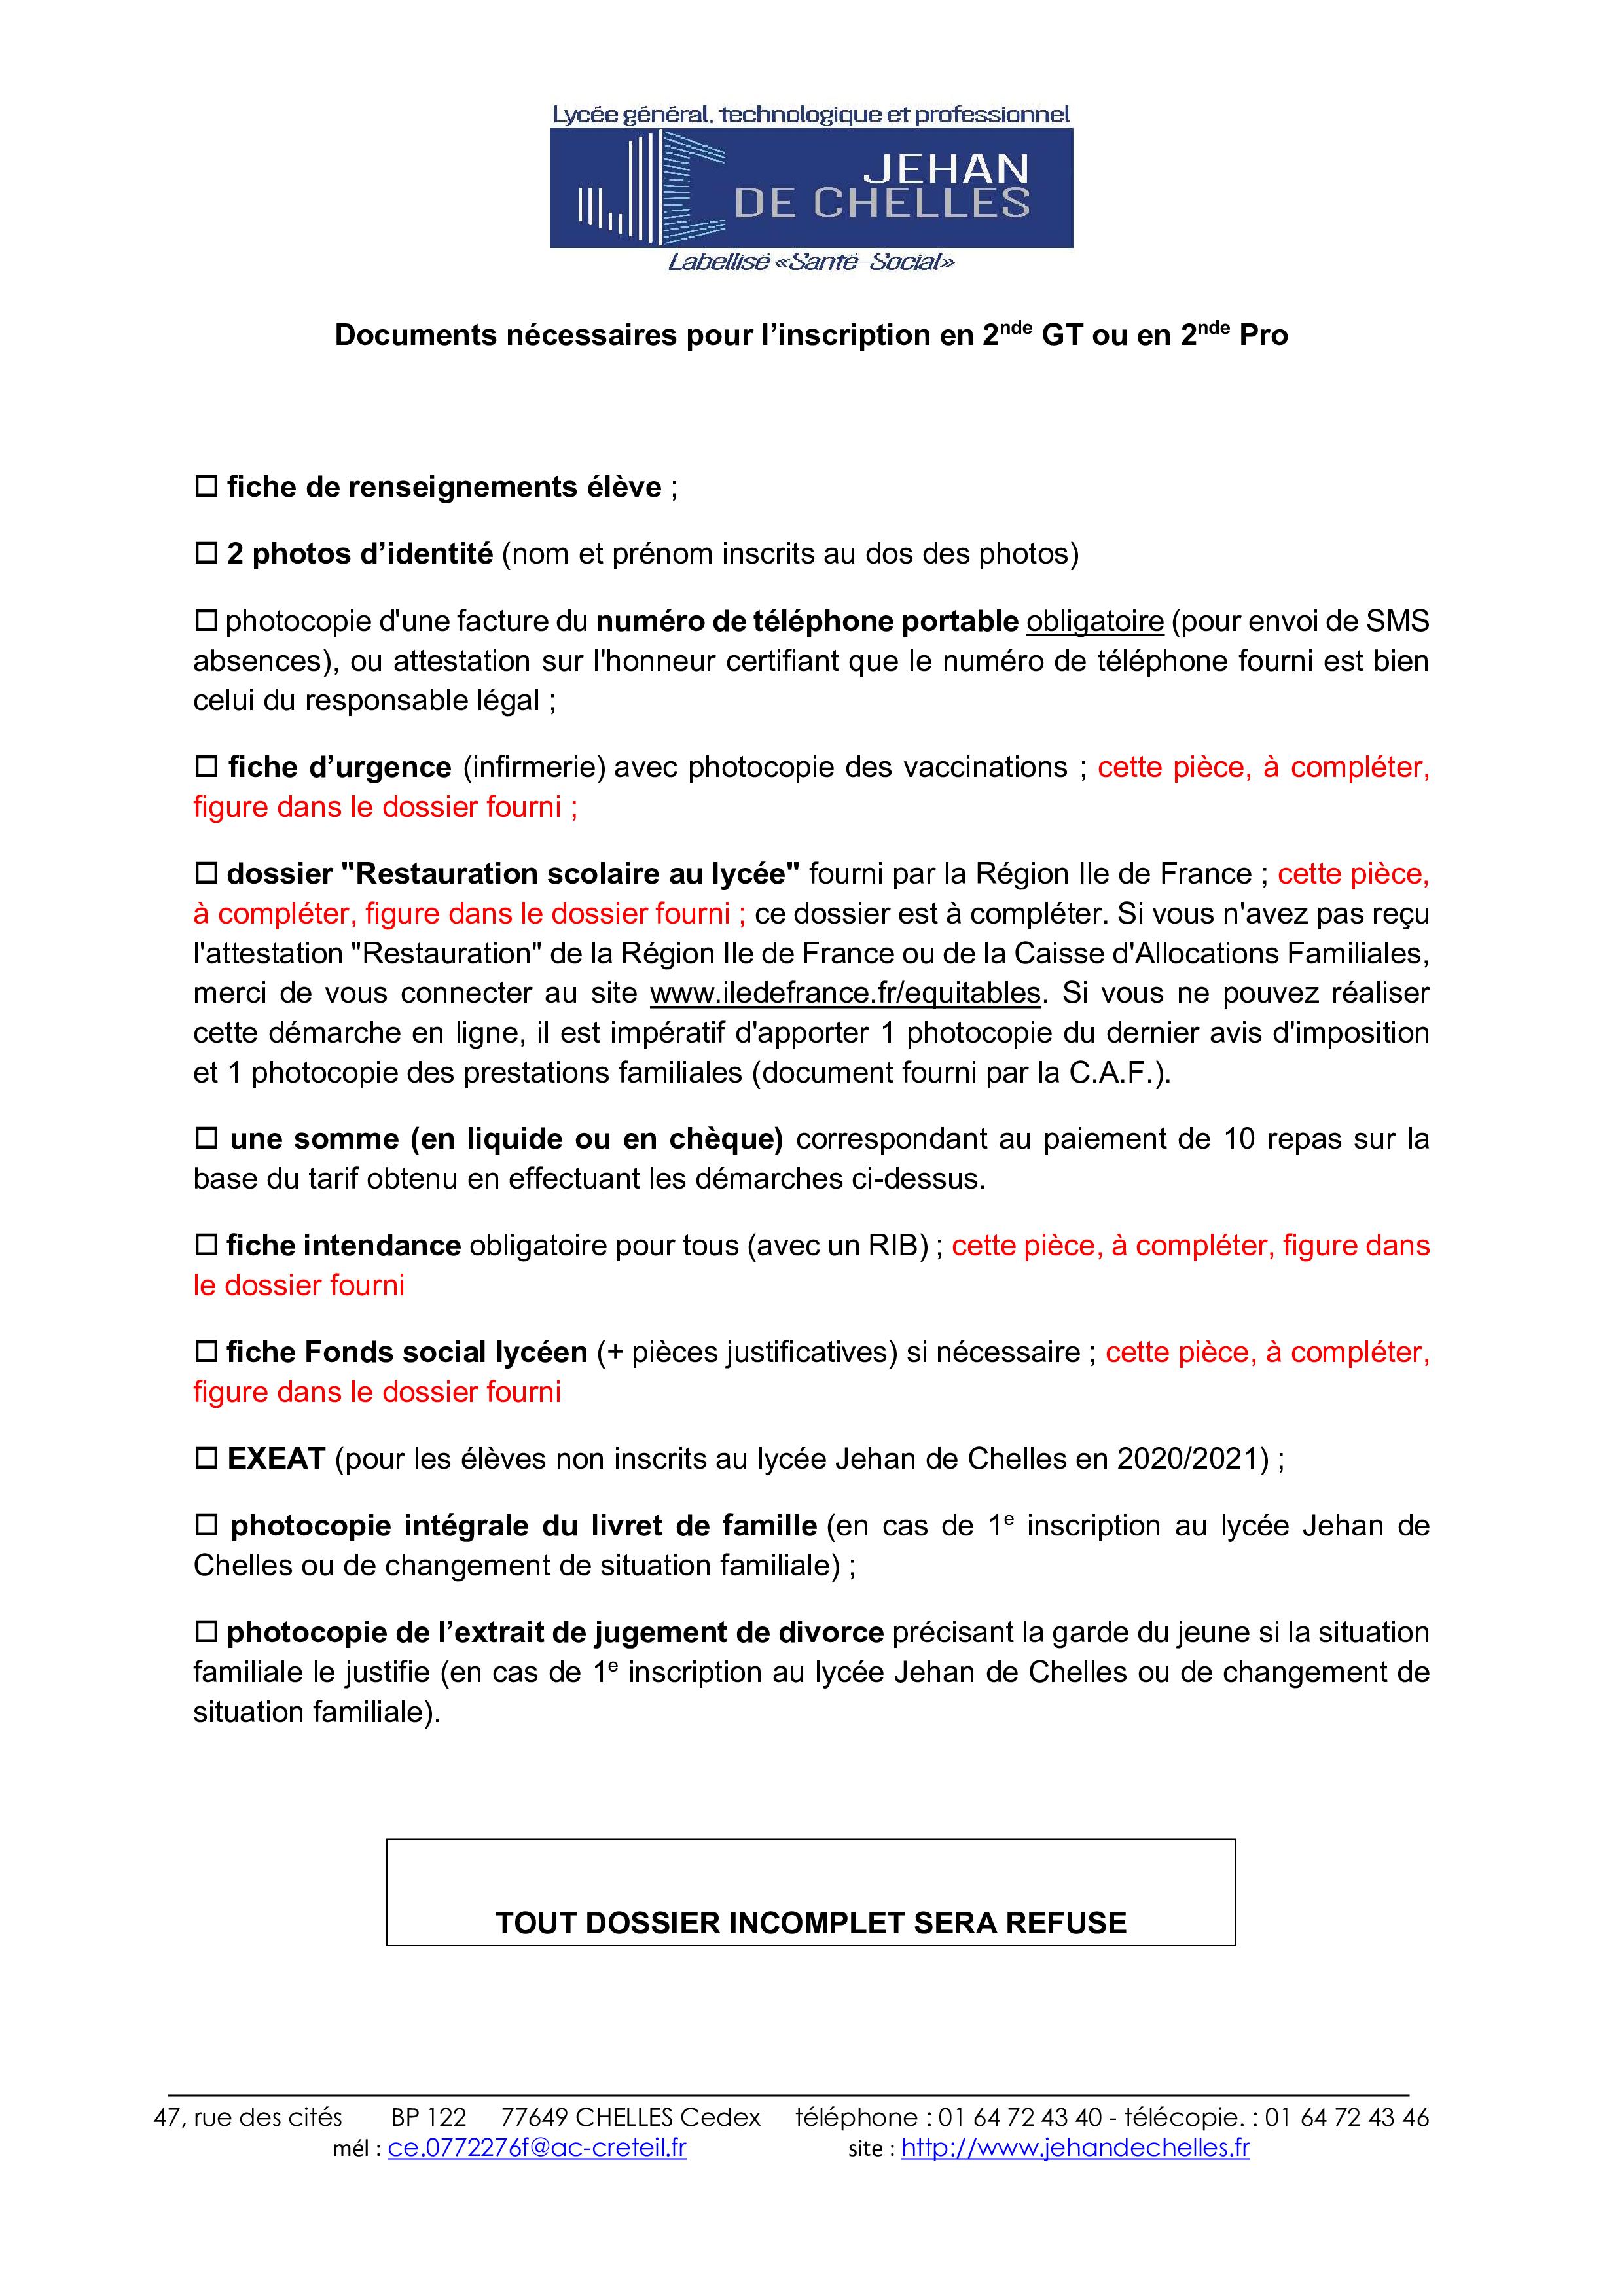 R 2021 - Documents pour Inscription en 2nde GT ou 2nde PRO-1